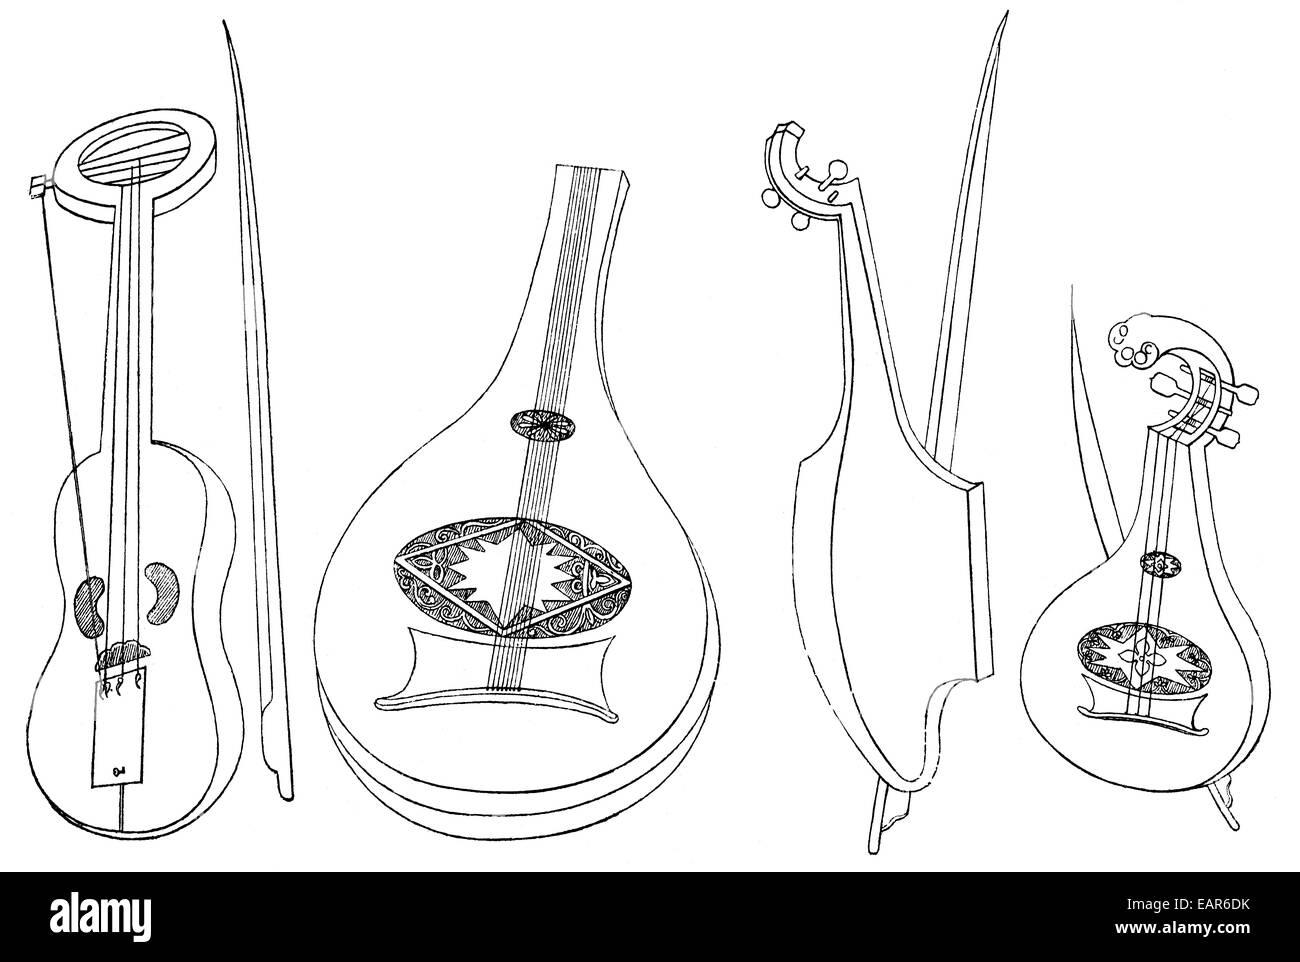 verschiedene Musikinstrumente, Lira, laute und Geige, 15. Jahrhundert, Gegenspieler Musikinstrumente, Vorläufer Stockbild